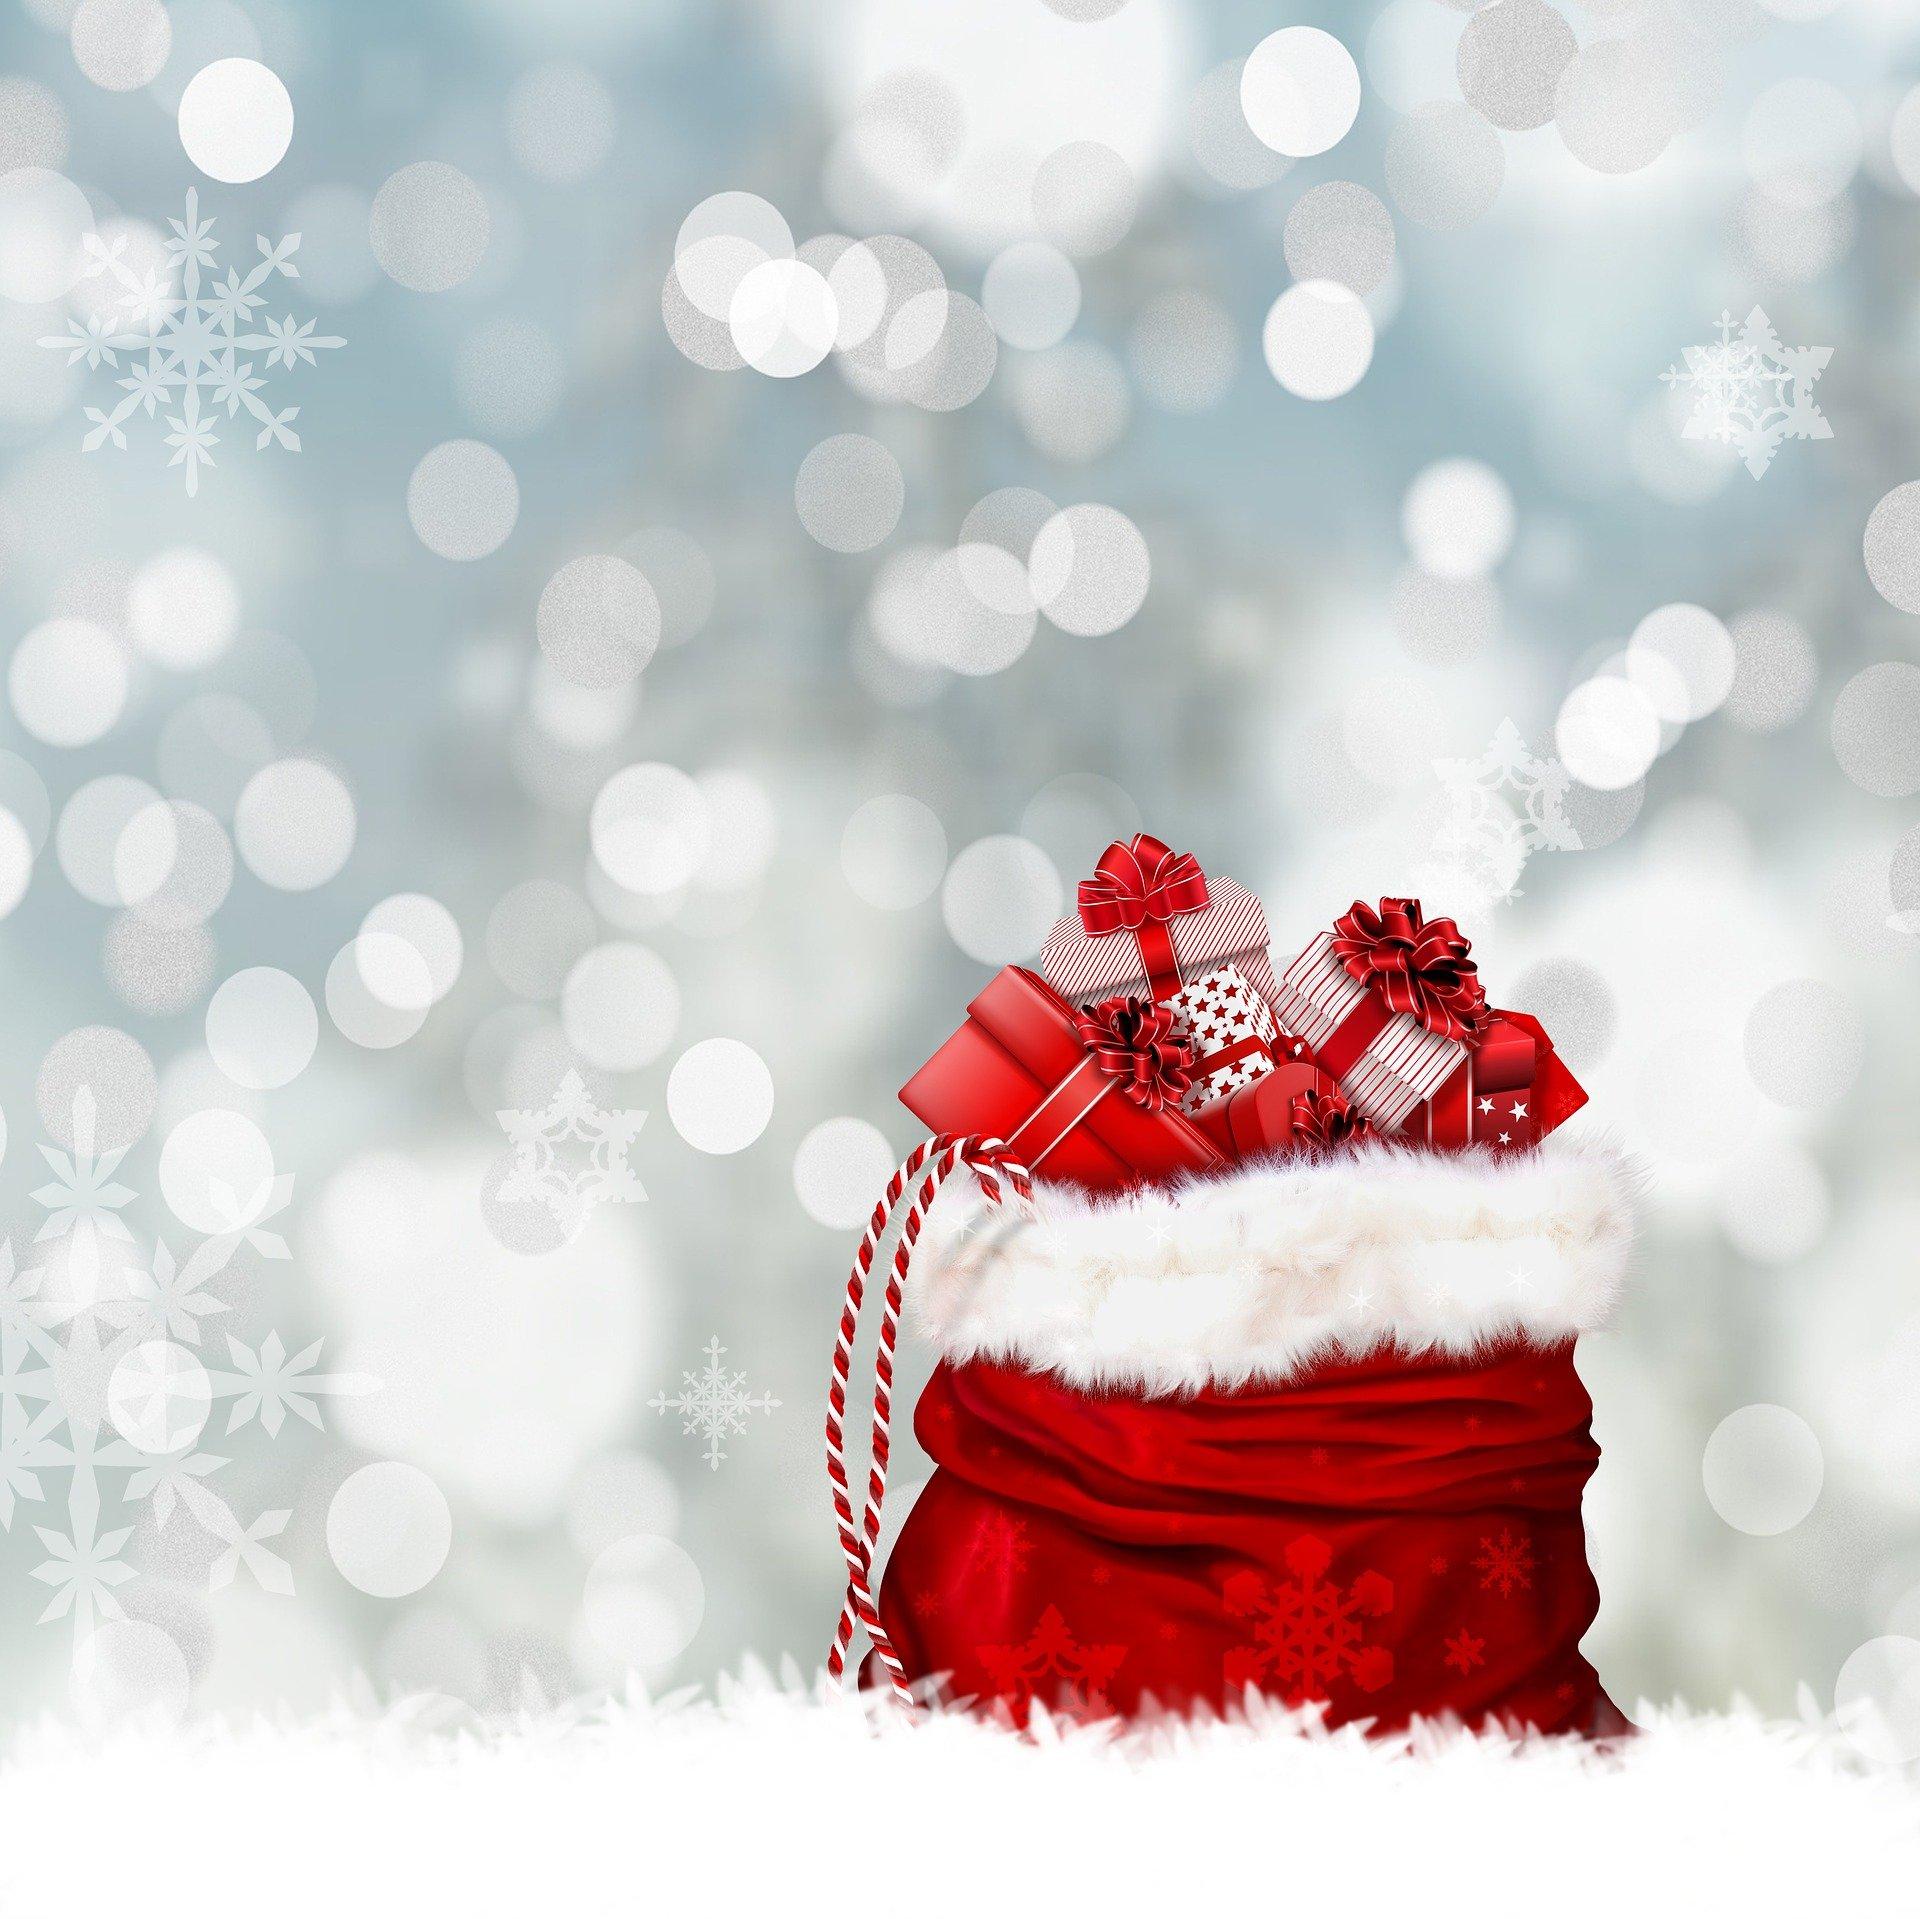 Sac rouge de cadeaux de Noël sur fond de neige